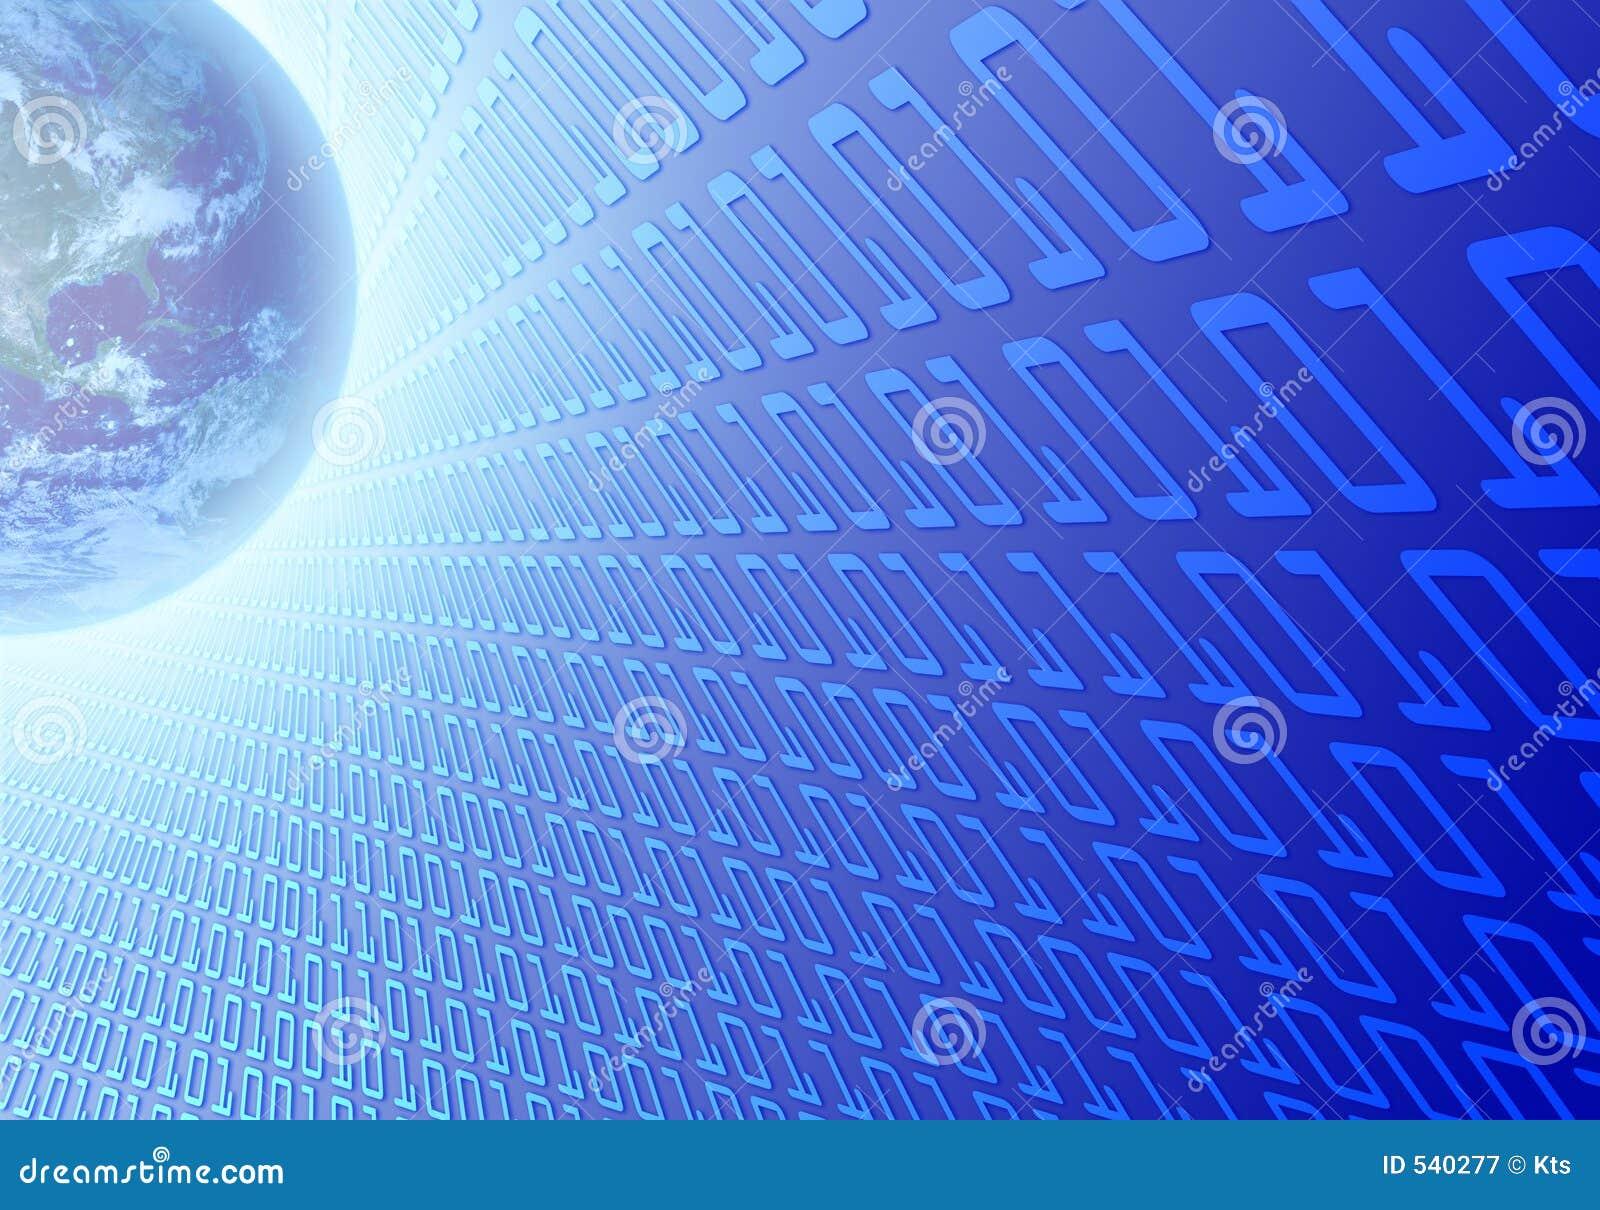 Terra do código binário